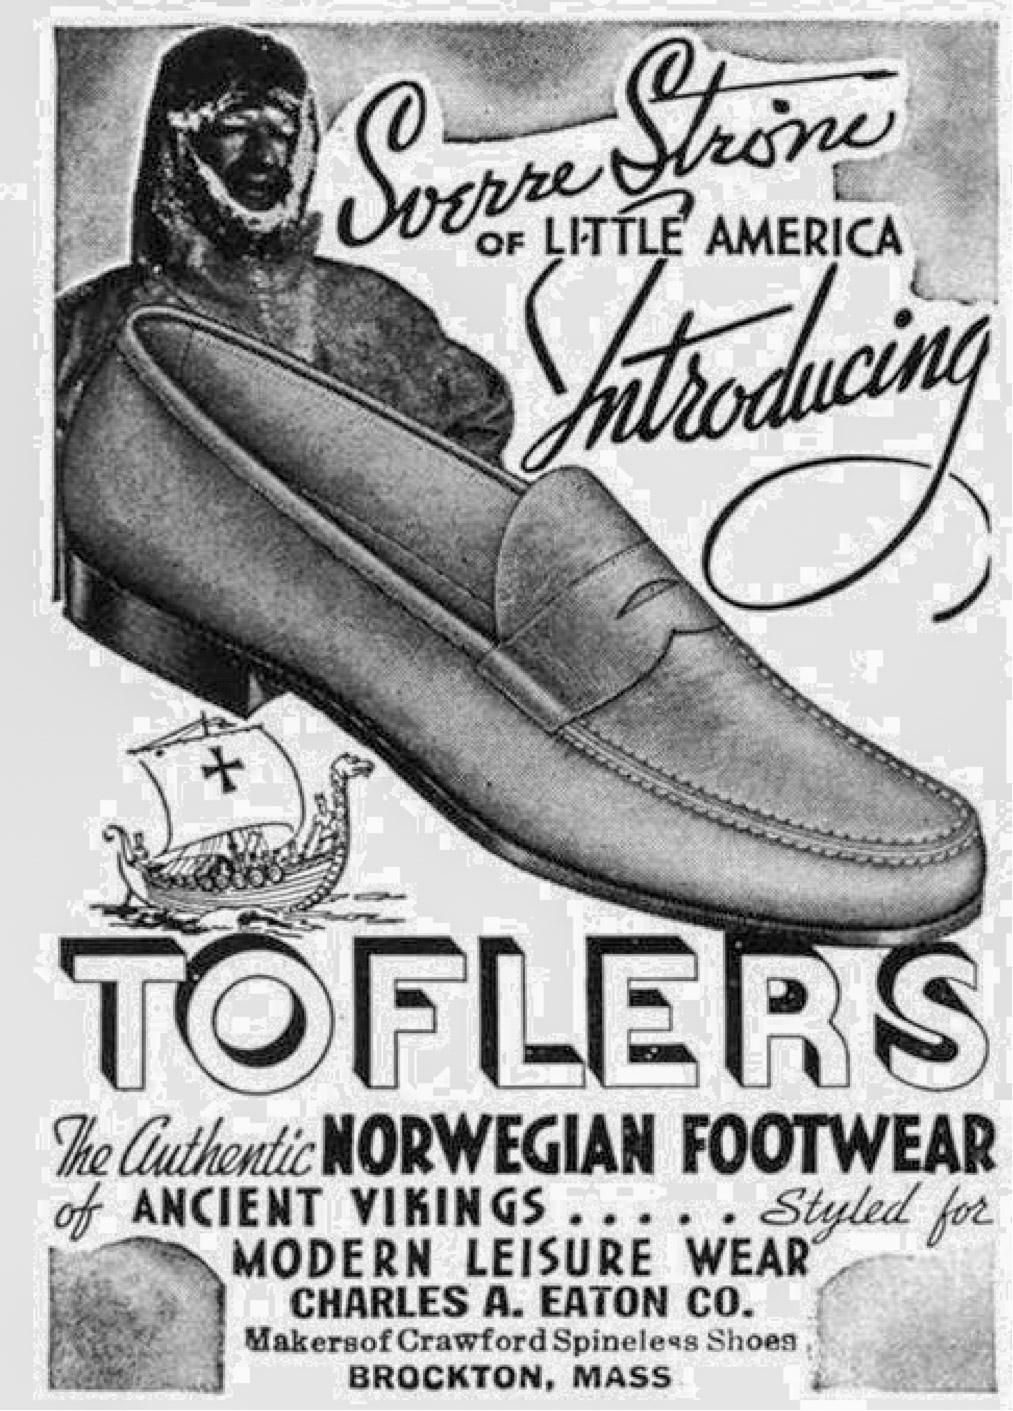 Pub Toflers